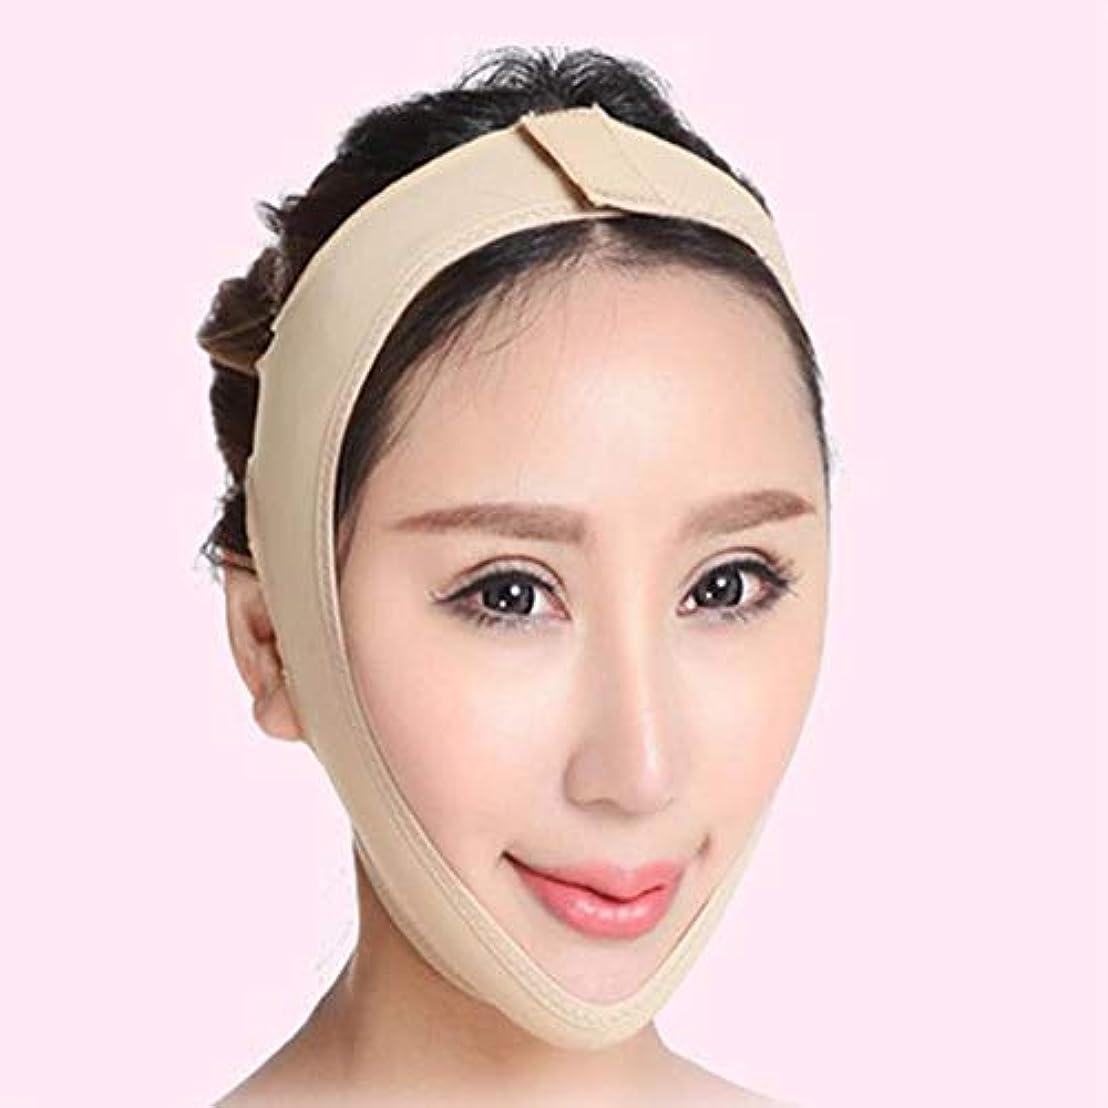 似ているビジョン前文MR 小顔マスク リフトアップ マスク フェイスラインシャープ メンズ レディース Mサイズ MR-AZD15003-M